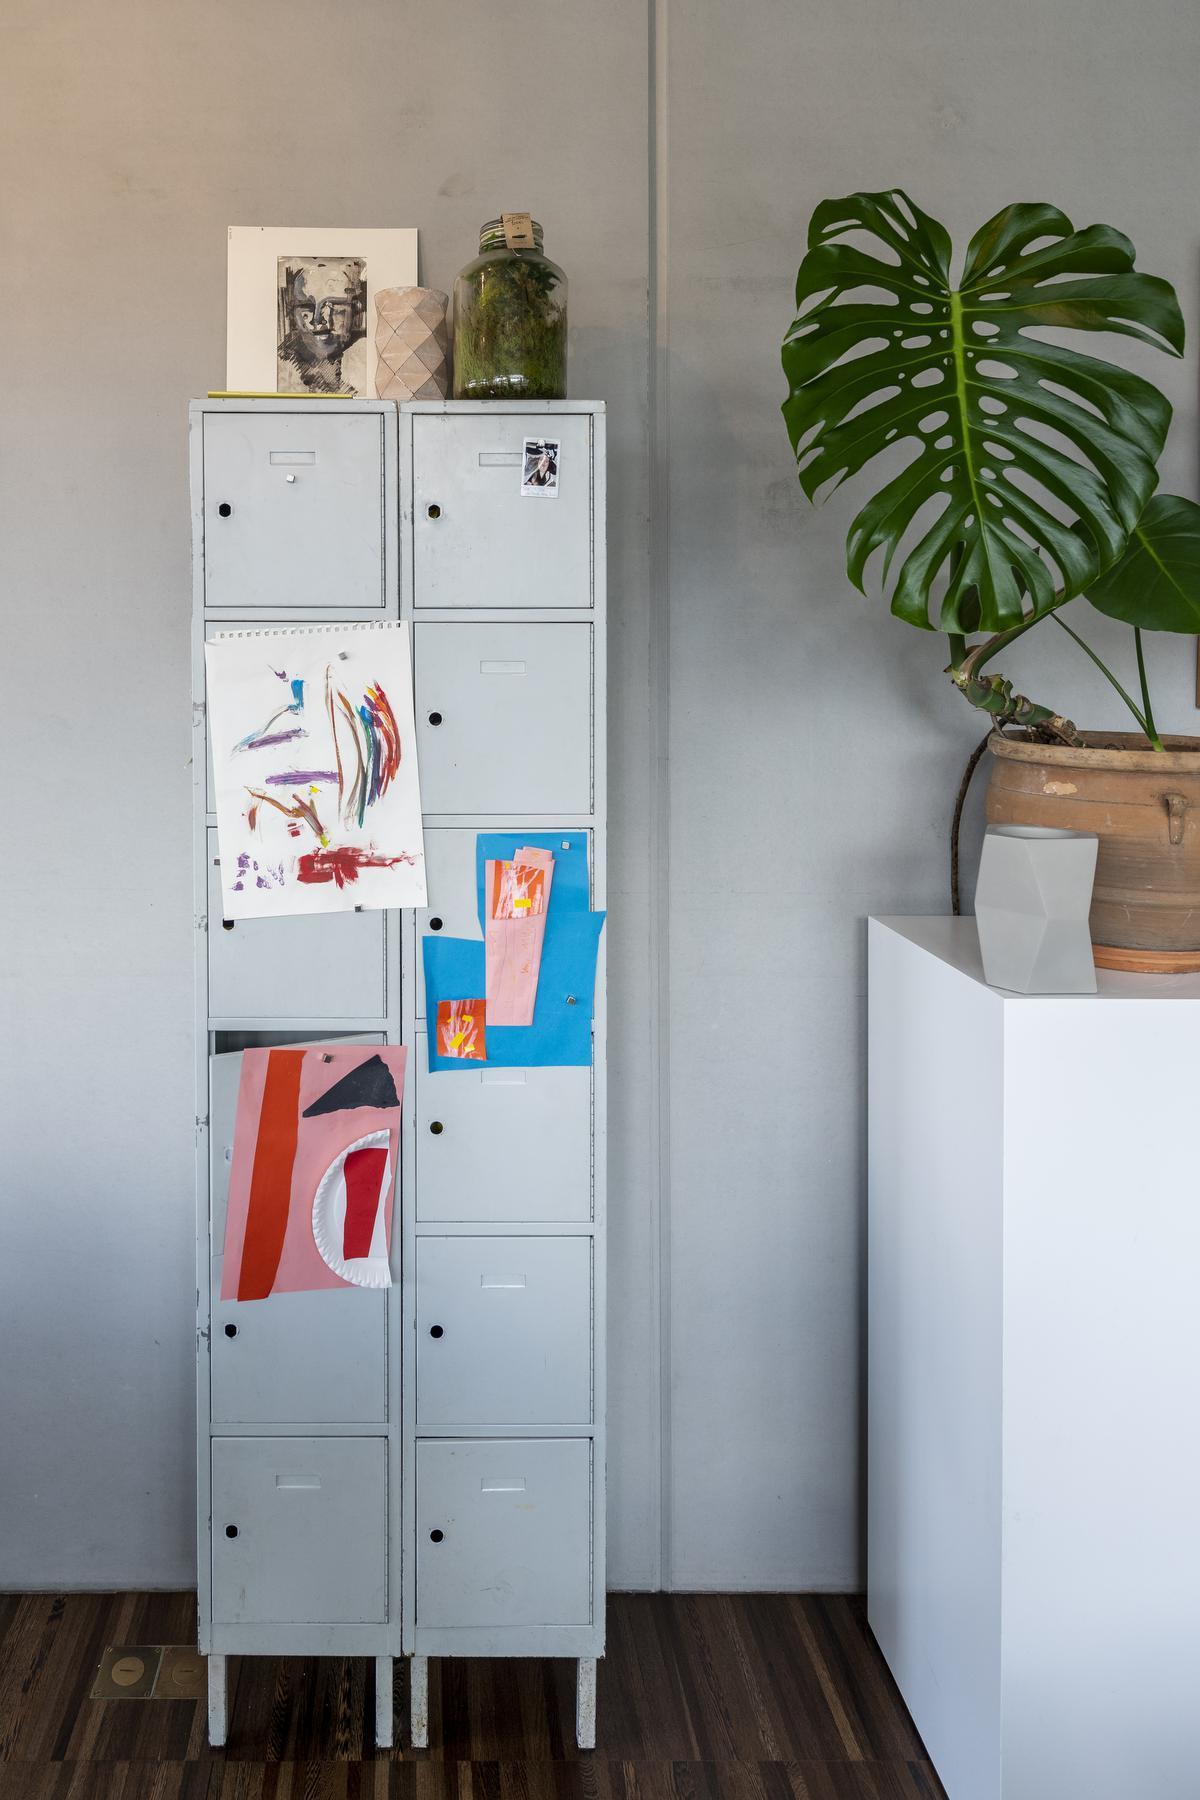 Vintage archiefkasten kregen een nieuwe bestemming als boeken- en speelgoedkast© Pieter Clicteur